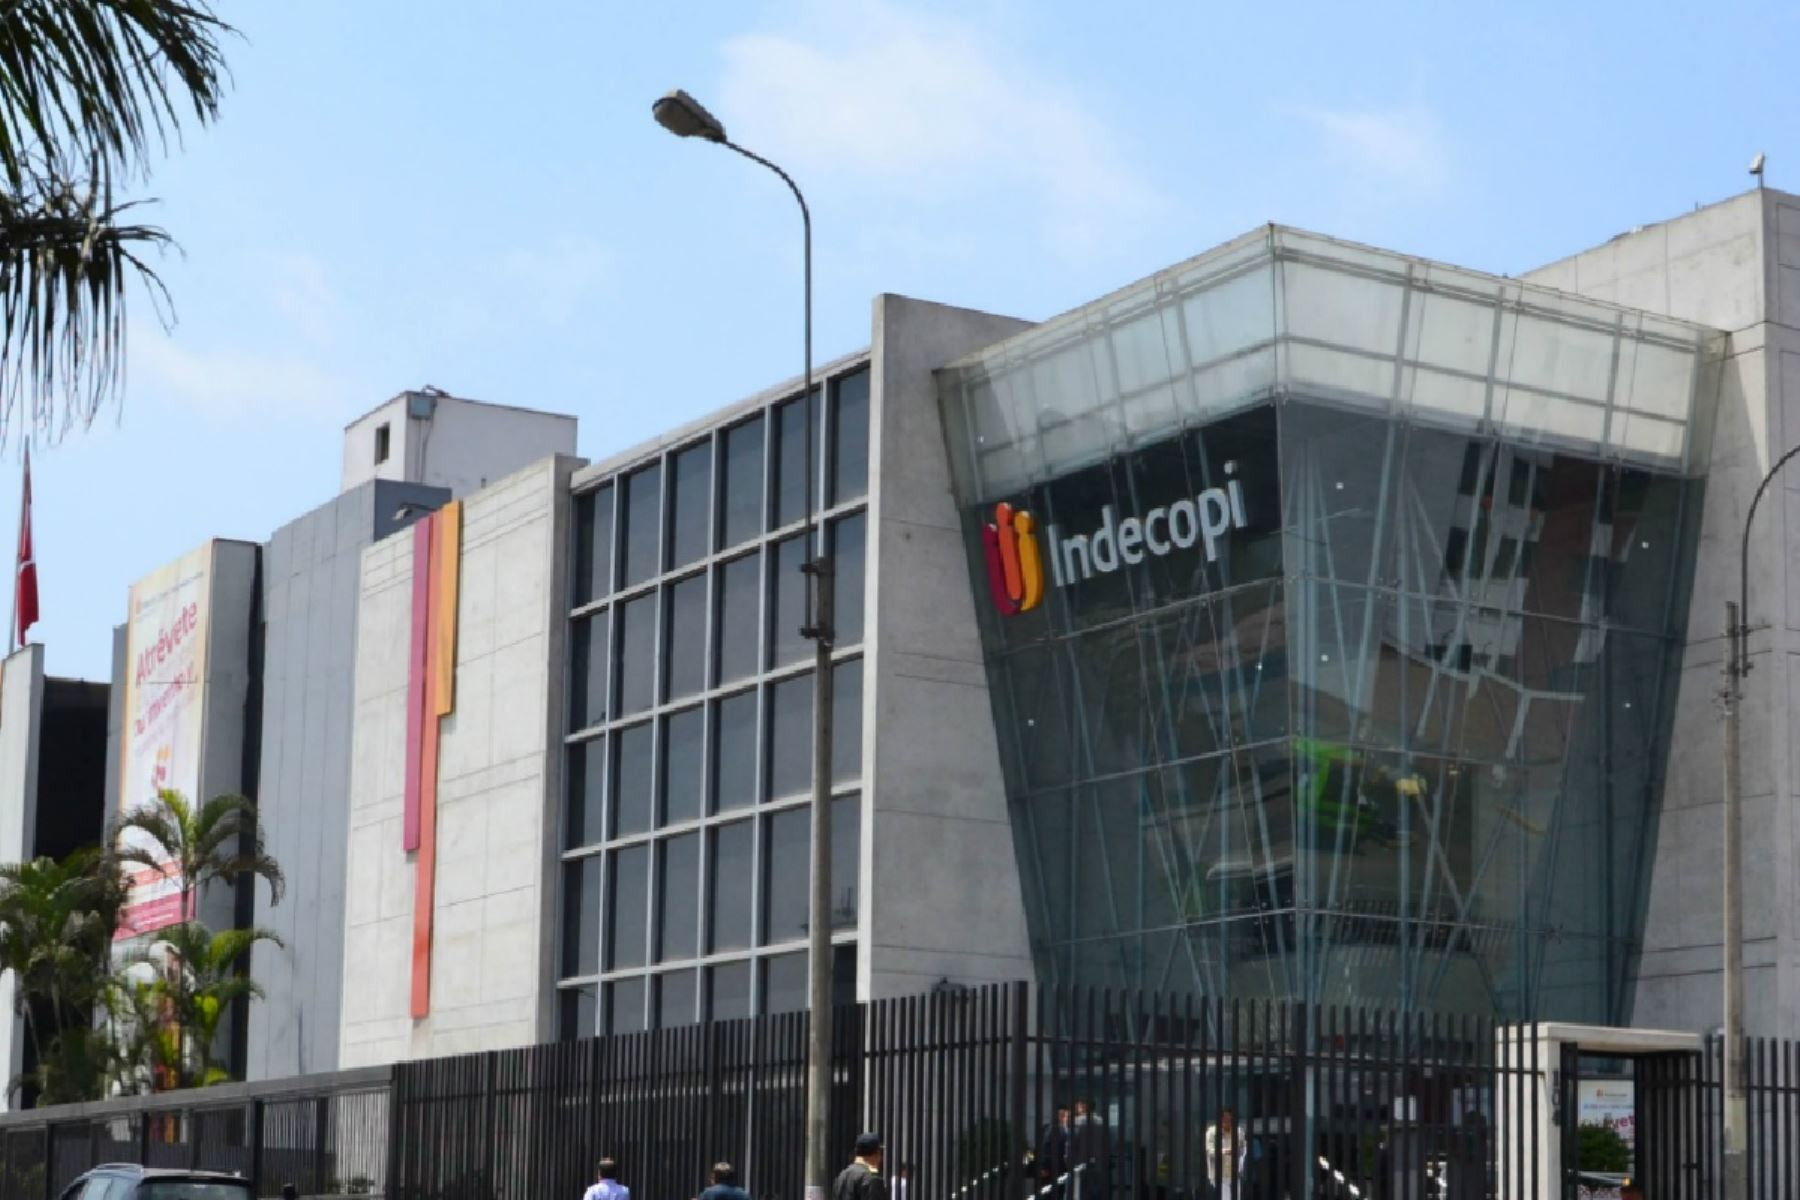 Palacín en Indecopi: al acecho de las empresas